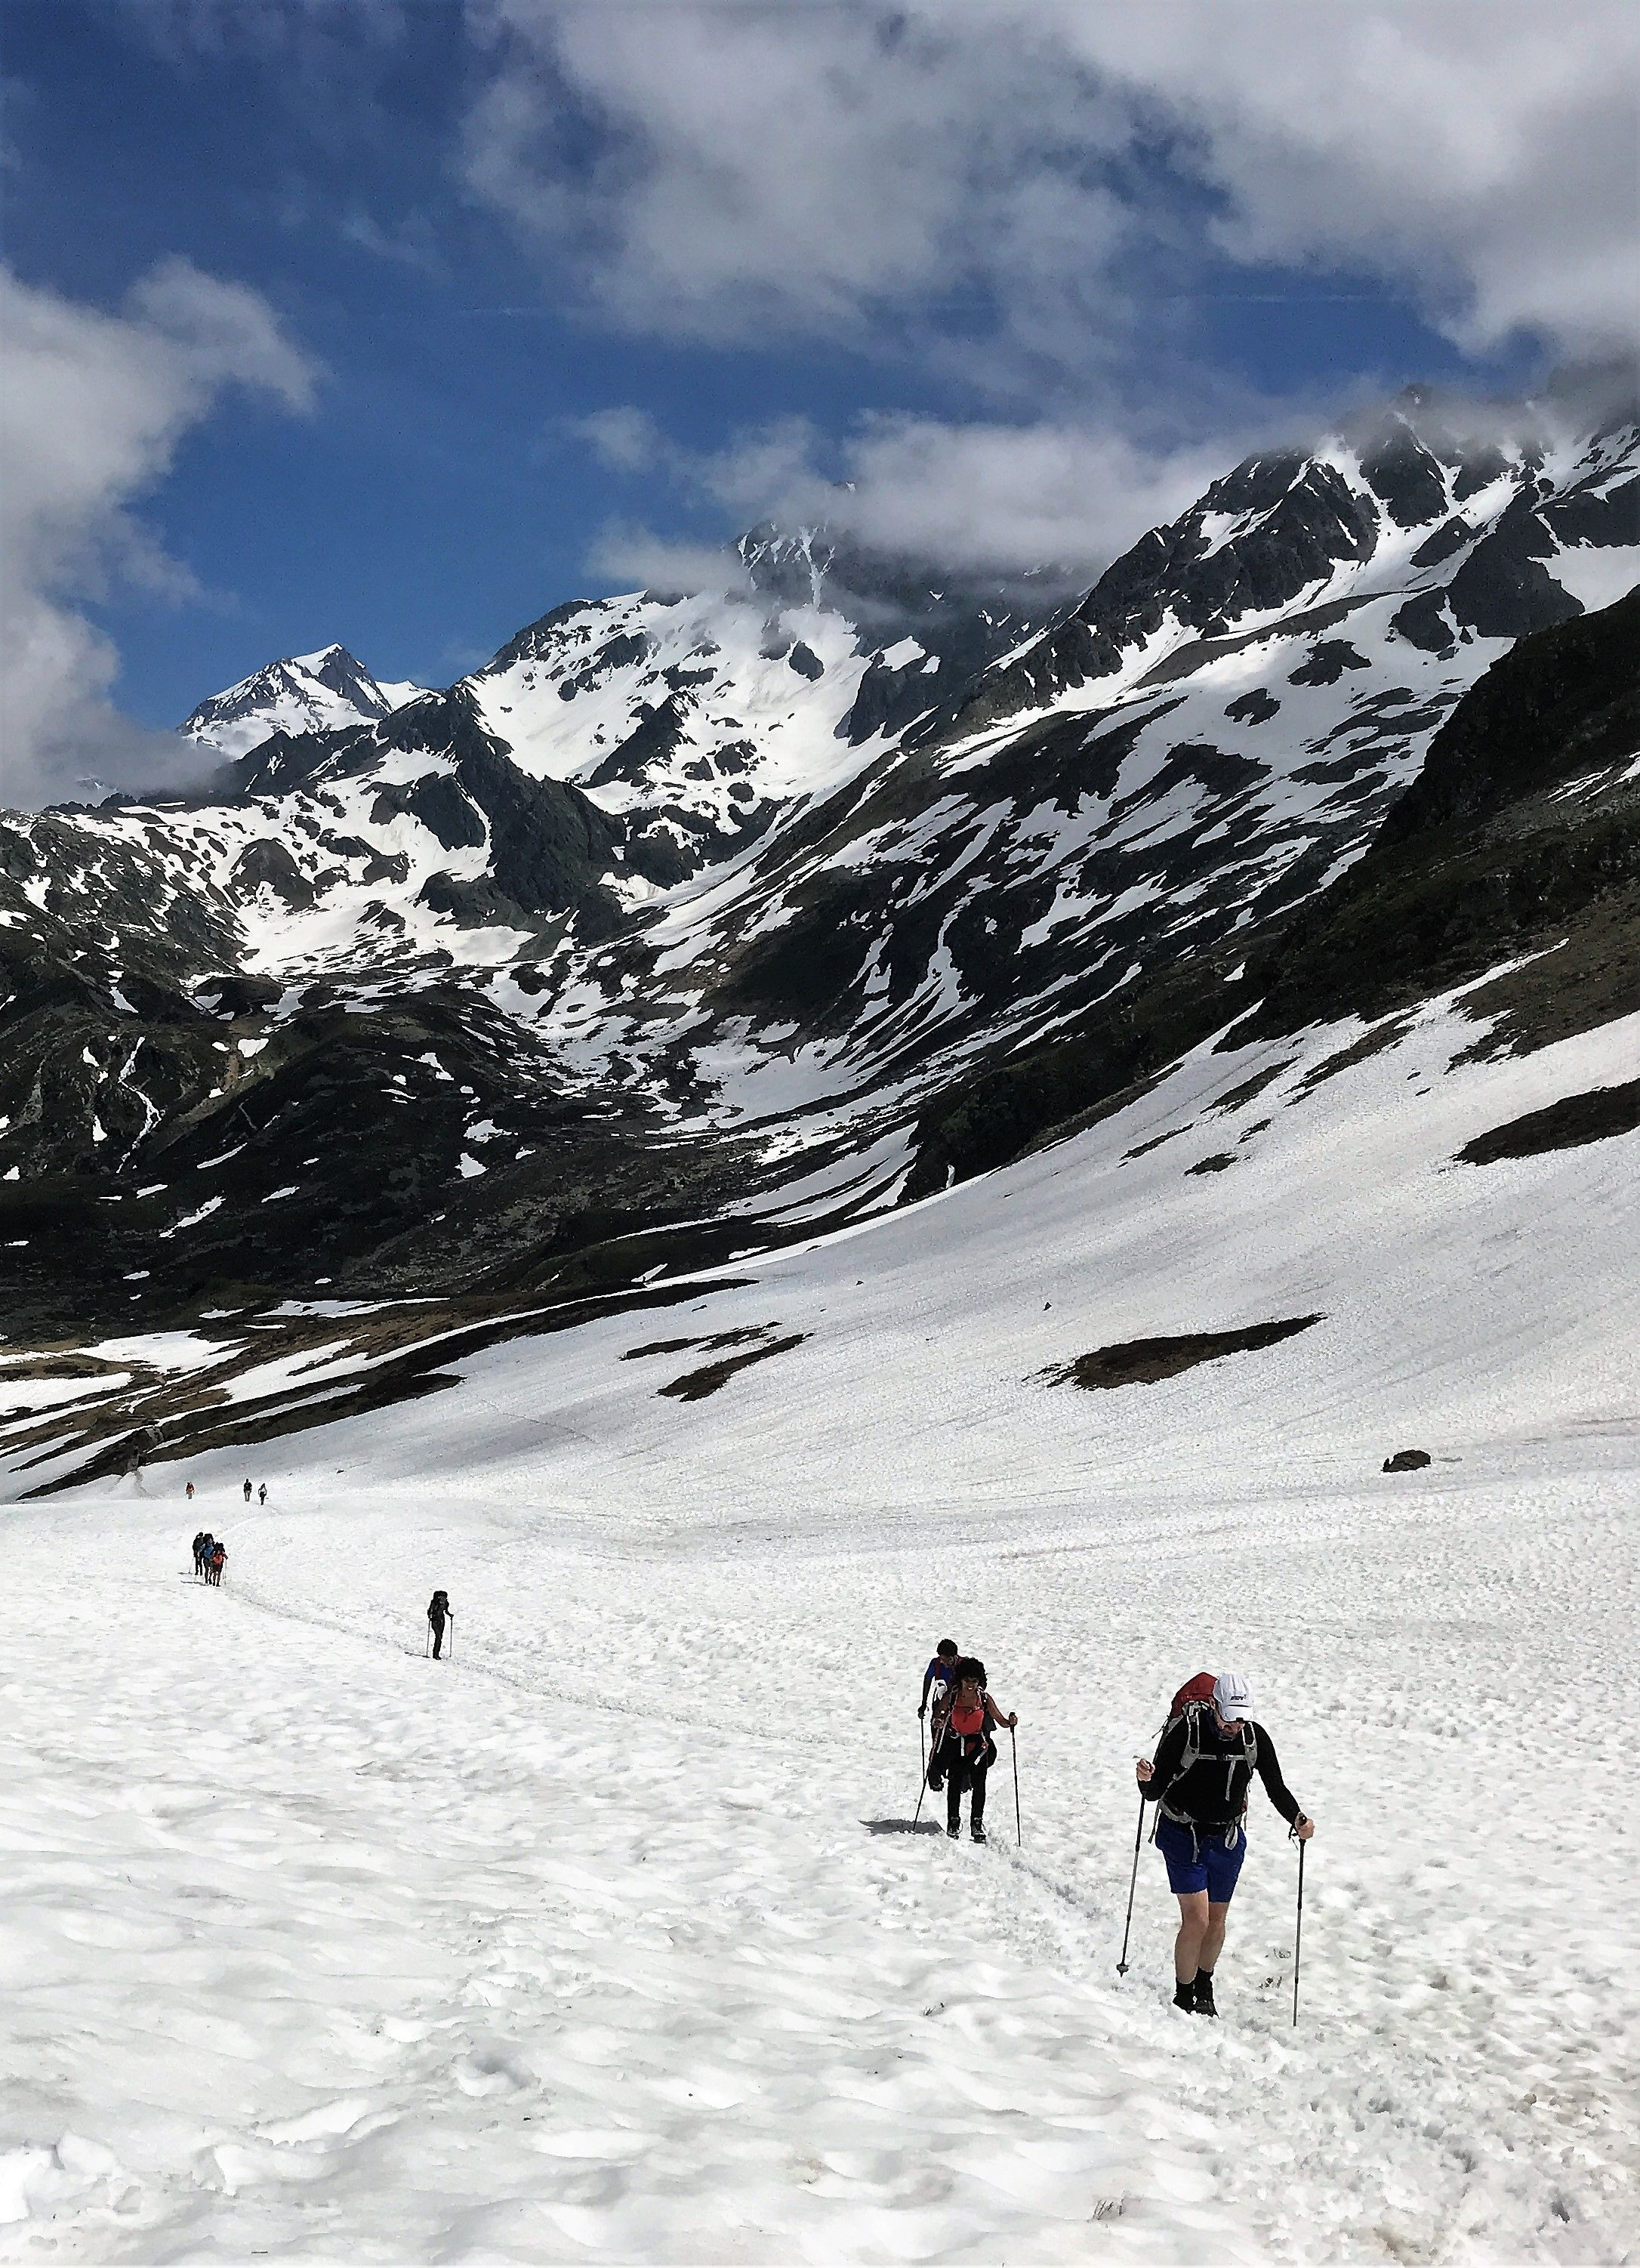 Hut To Hut Hiking Along The Tour Du Mont Blanc